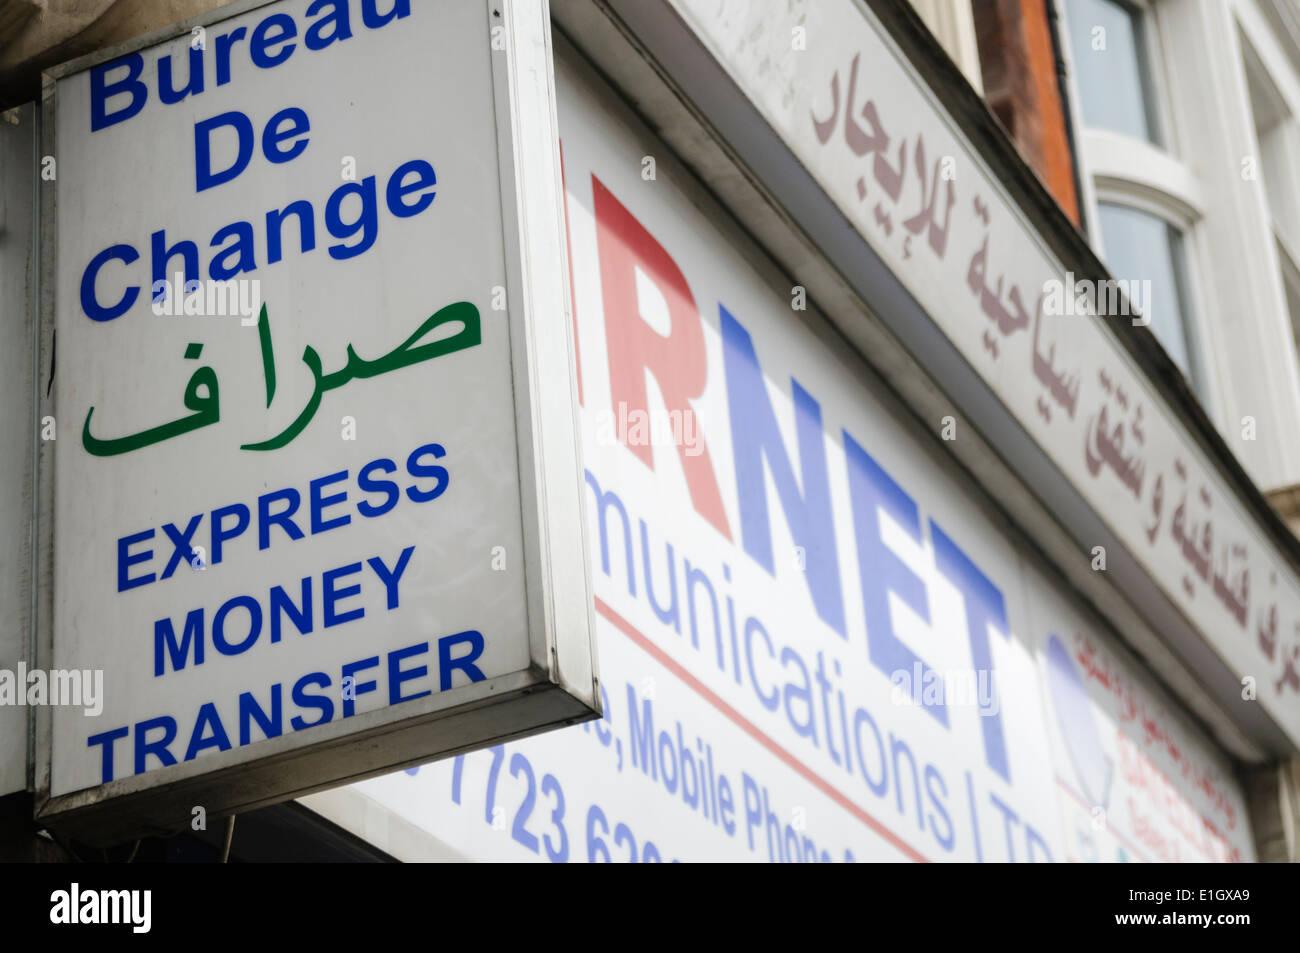 Bureau de change un service de transfert d argent en arabe